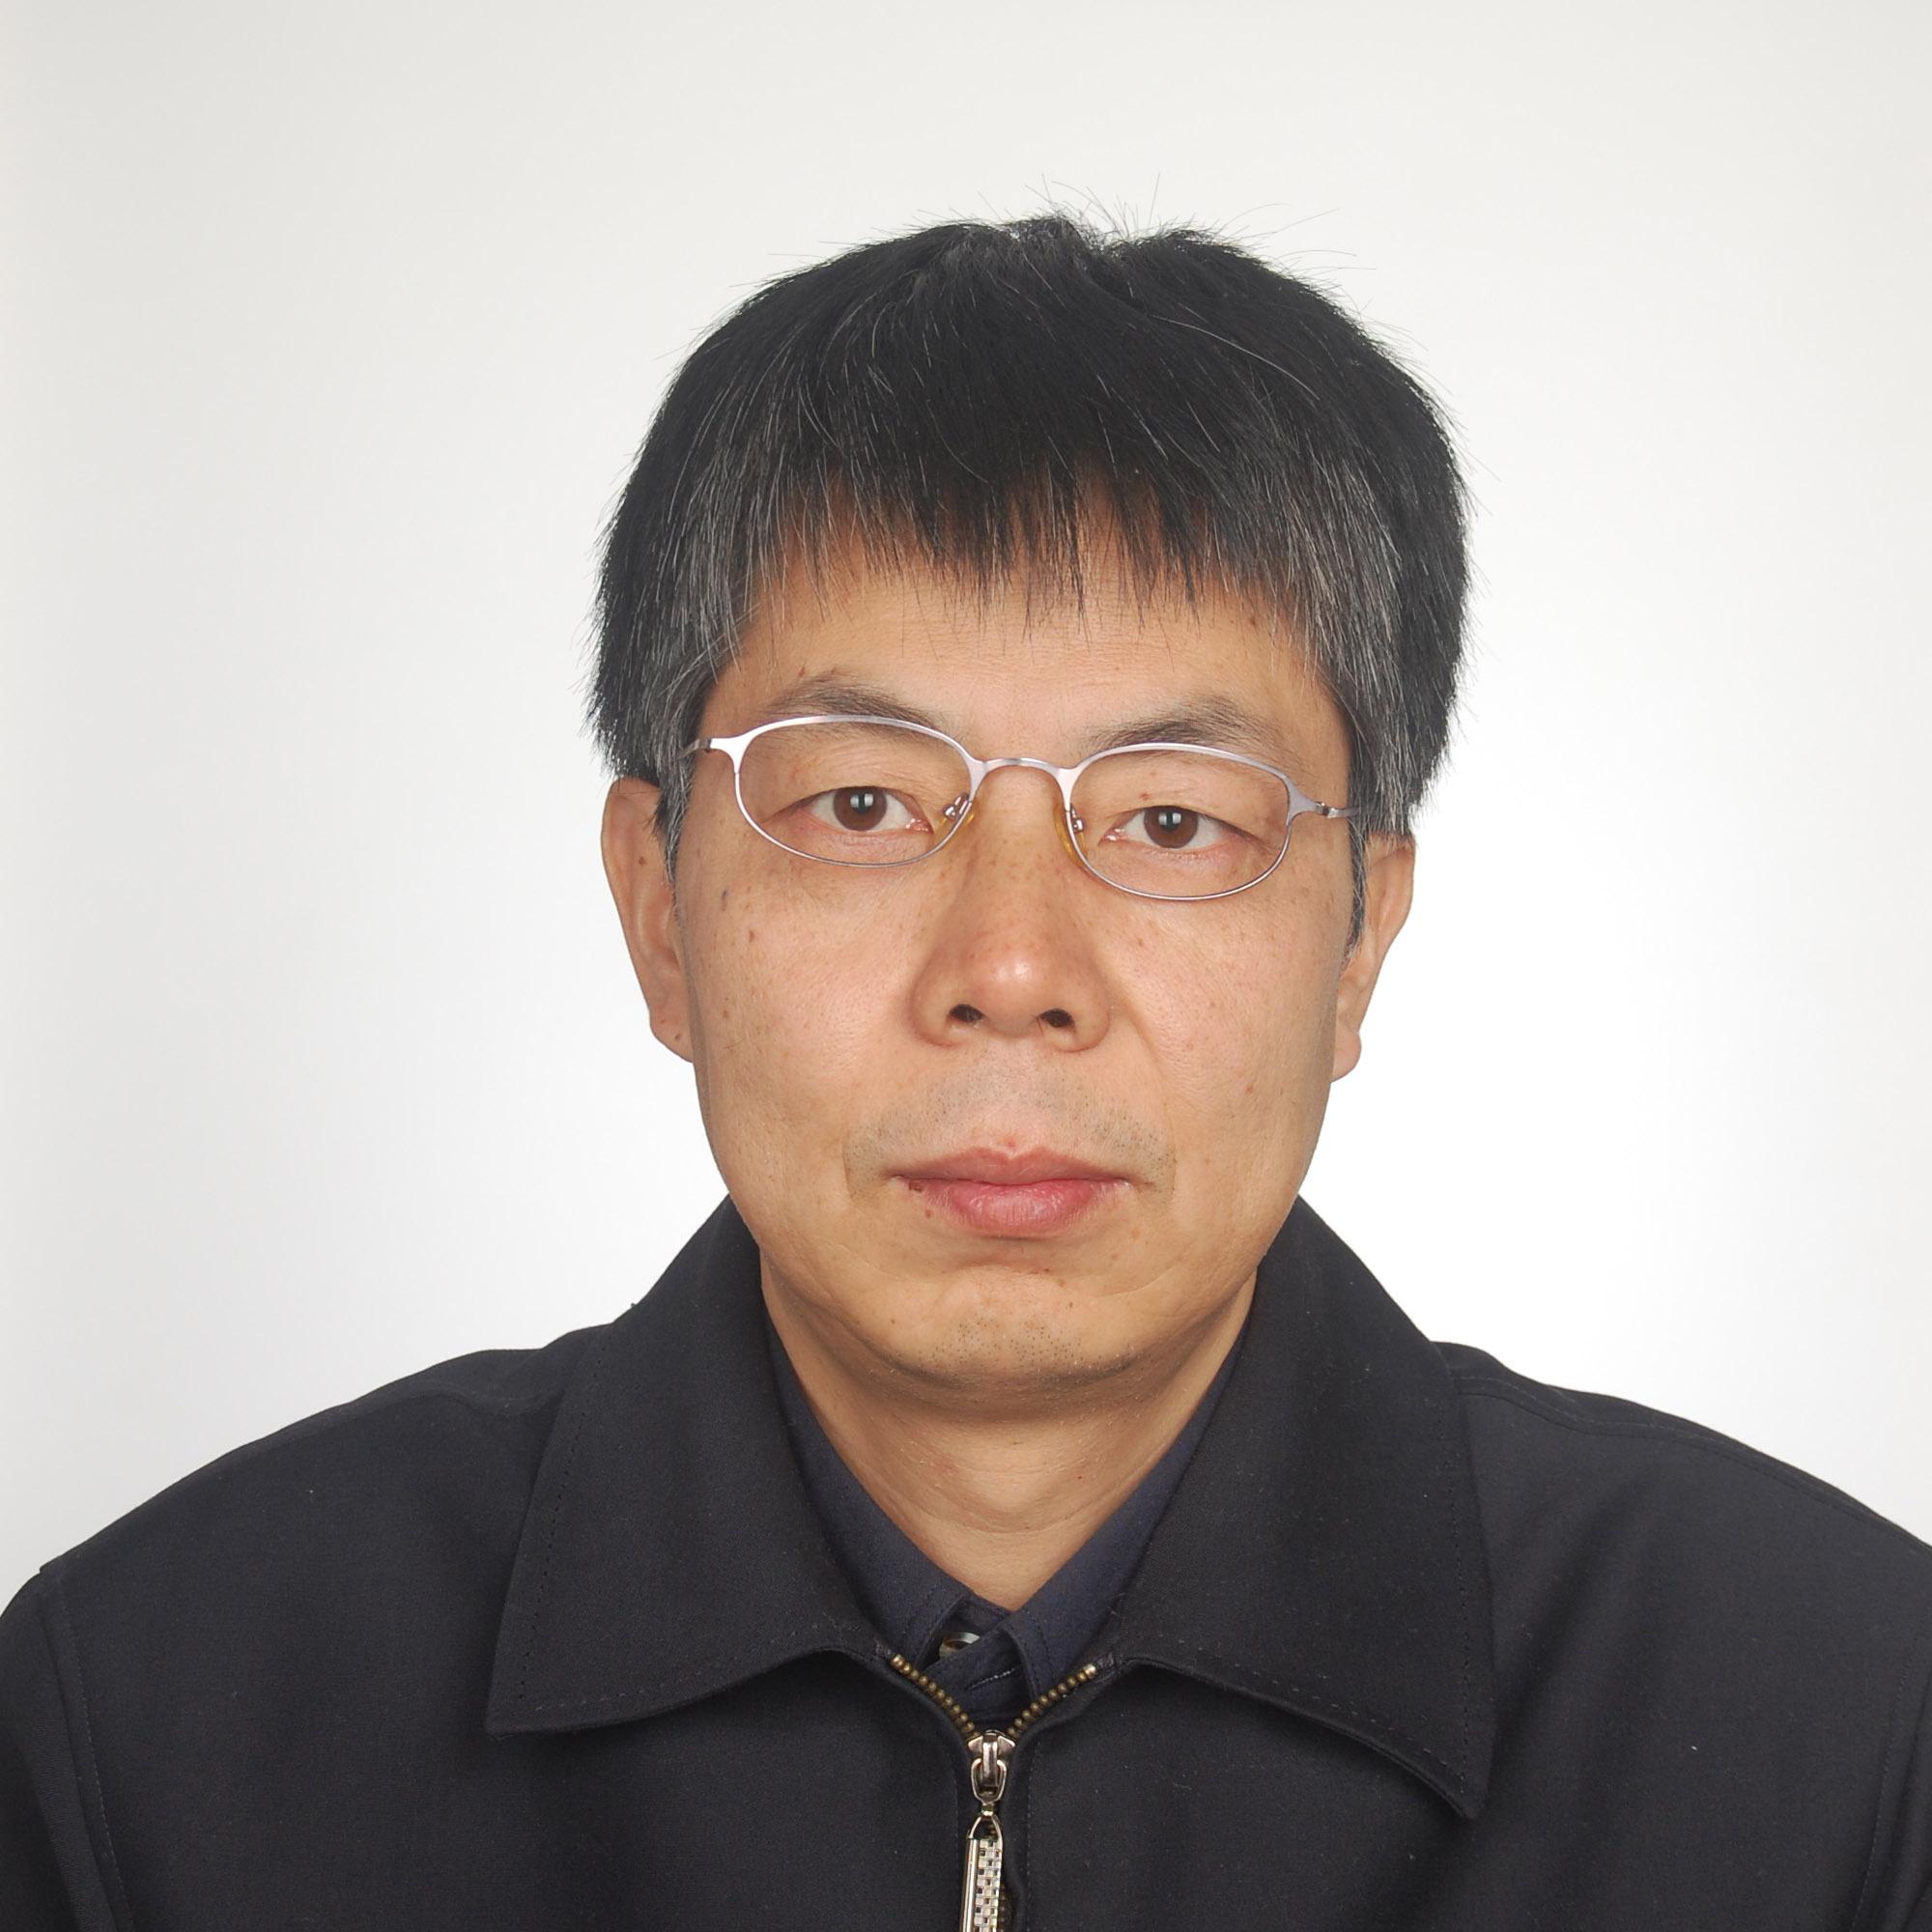 在北京师范大学分析测试中心长期从事电子能谱、荧光和拉曼光谱分析测试、教学及实验室管理工作。熟悉表面分析和光谱分析技术,积累了丰富实验测试经验。主要从事薄膜材料、稀土发光材料研究及石墨烯材料表征技术、表面增强拉曼光谱技术的研究,在国内外期刊发标多篇学术论文。现任全国微束分析标准化技术委员会表面化学分析技术委员会副主任委员,主持和参与多项电子能谱分析方法标准。近年来,在多场国内电子能谱应用技术交流培训会上担任主讲人。